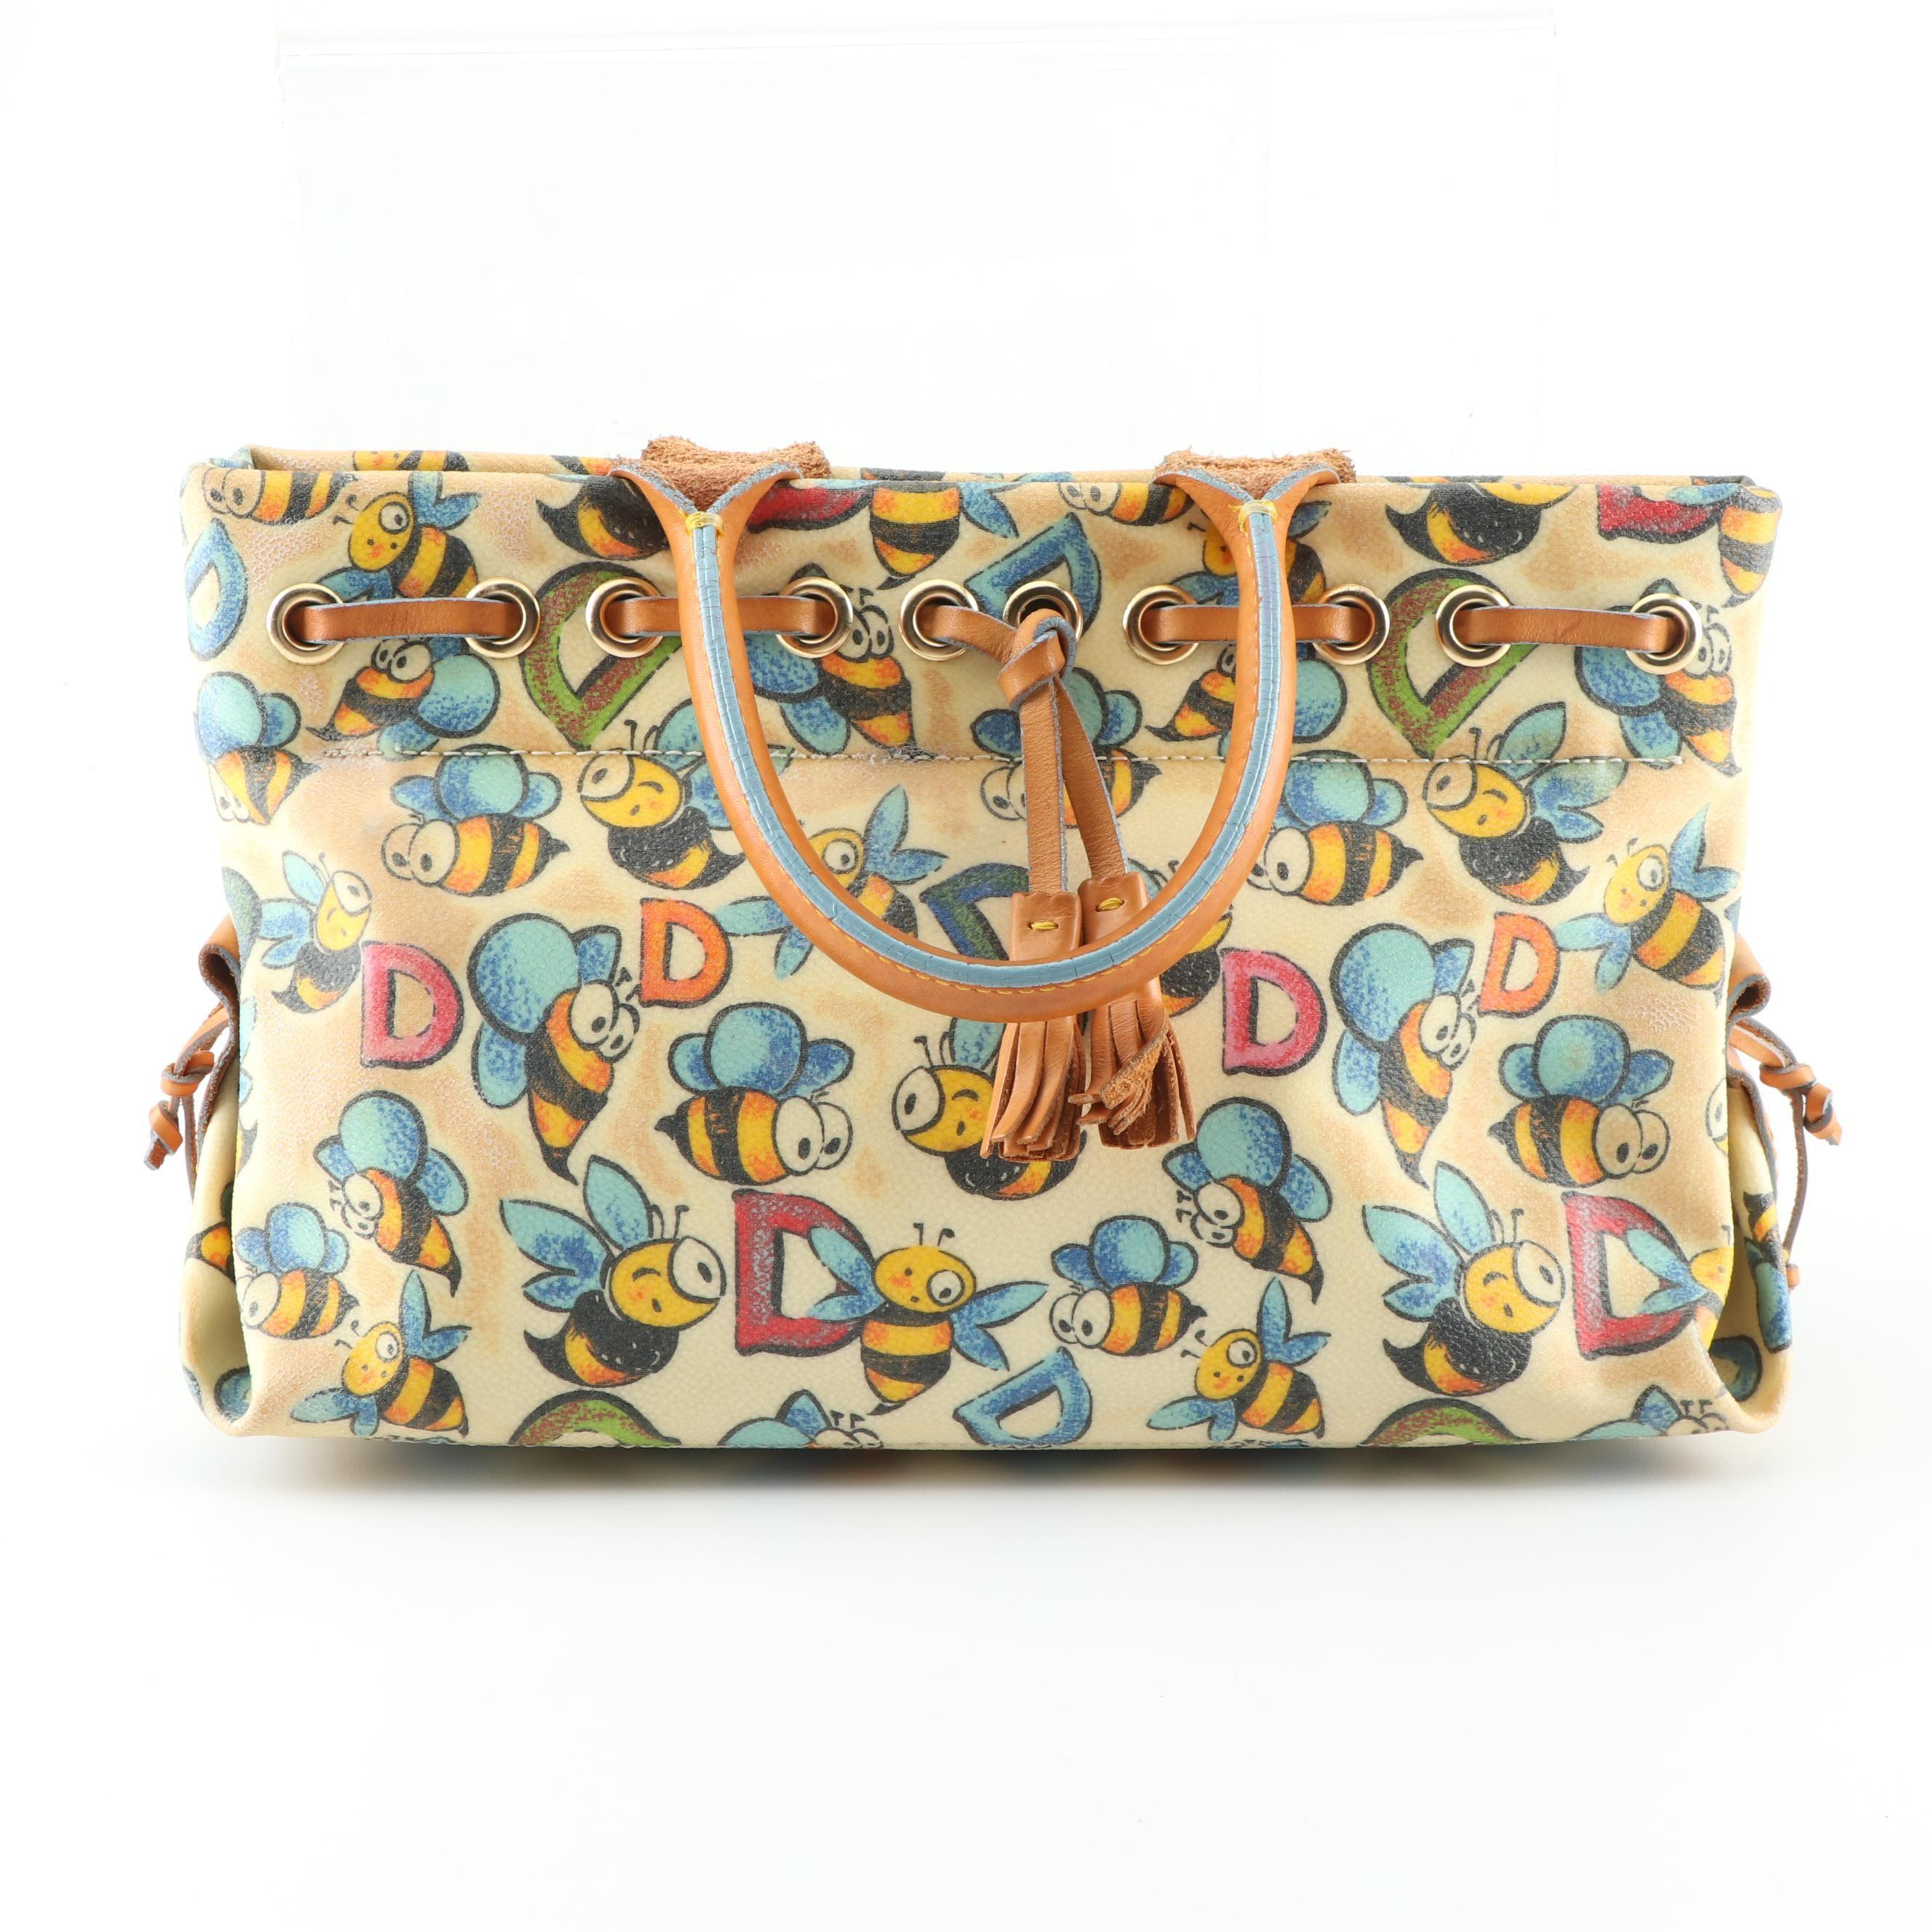 Dooney & Bourke Bumble Bee Tassel Handbag